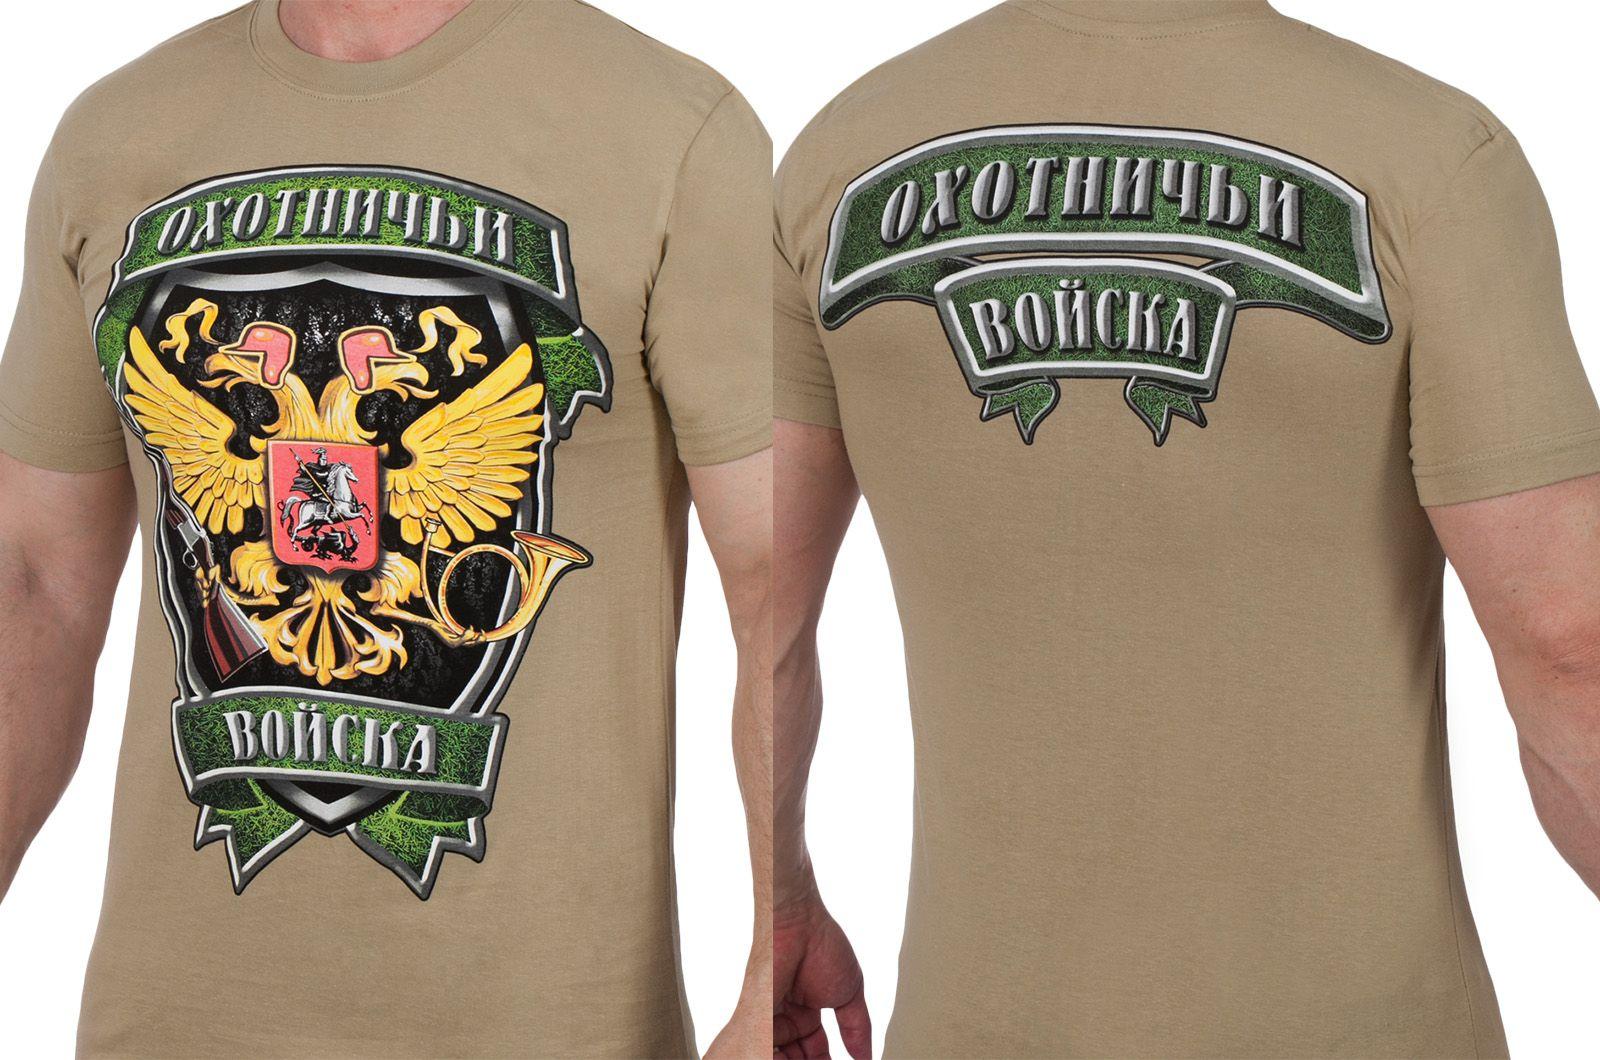 Заказать футболки Охотничья